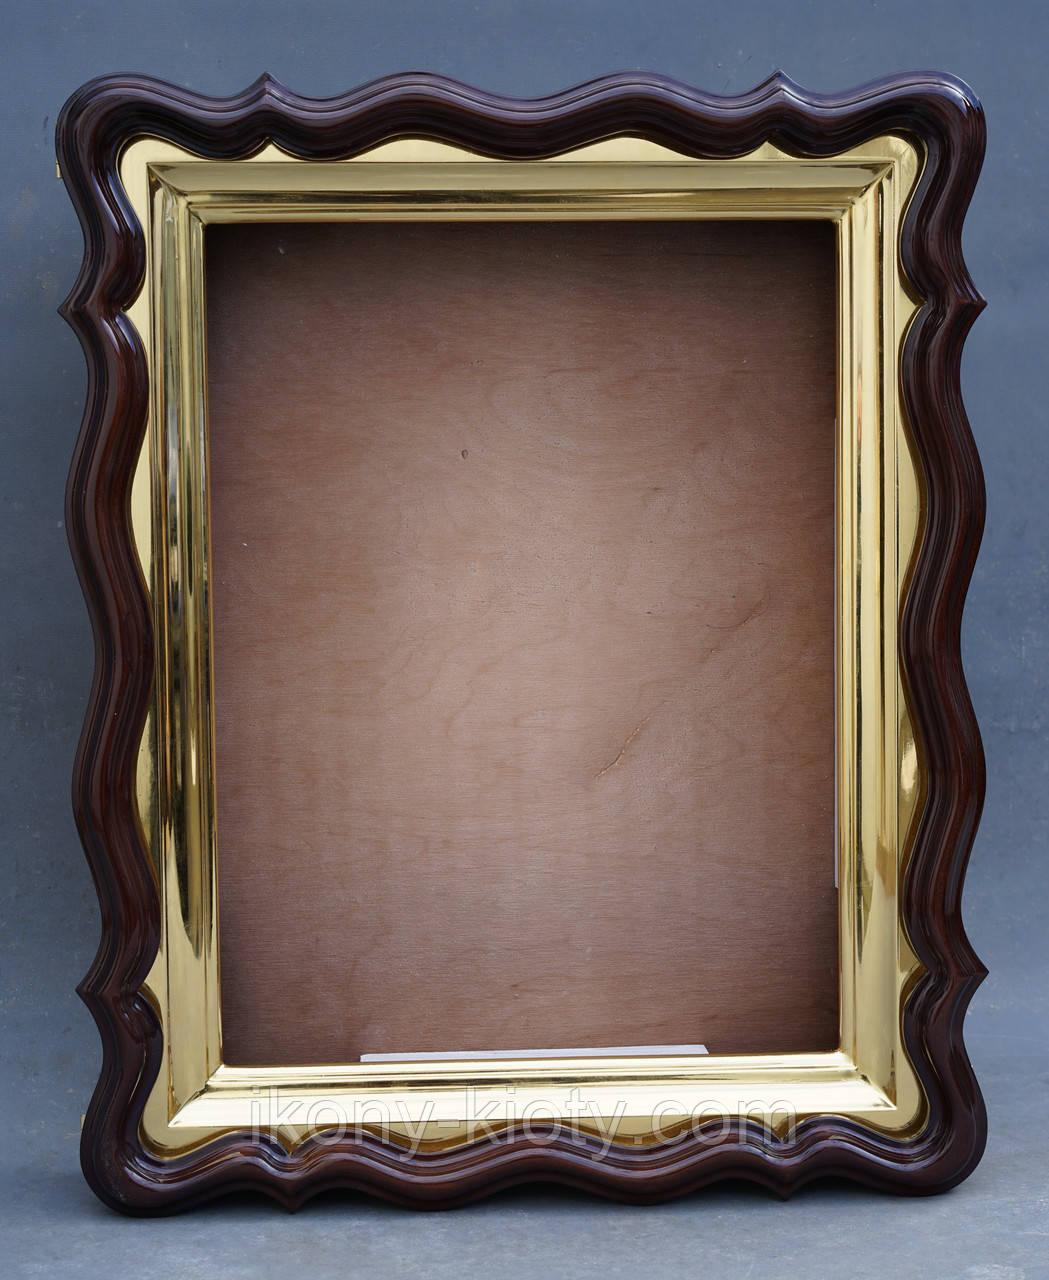 Фигурный киот для иконы формата 30х40см с внутренней золочёной рамой.